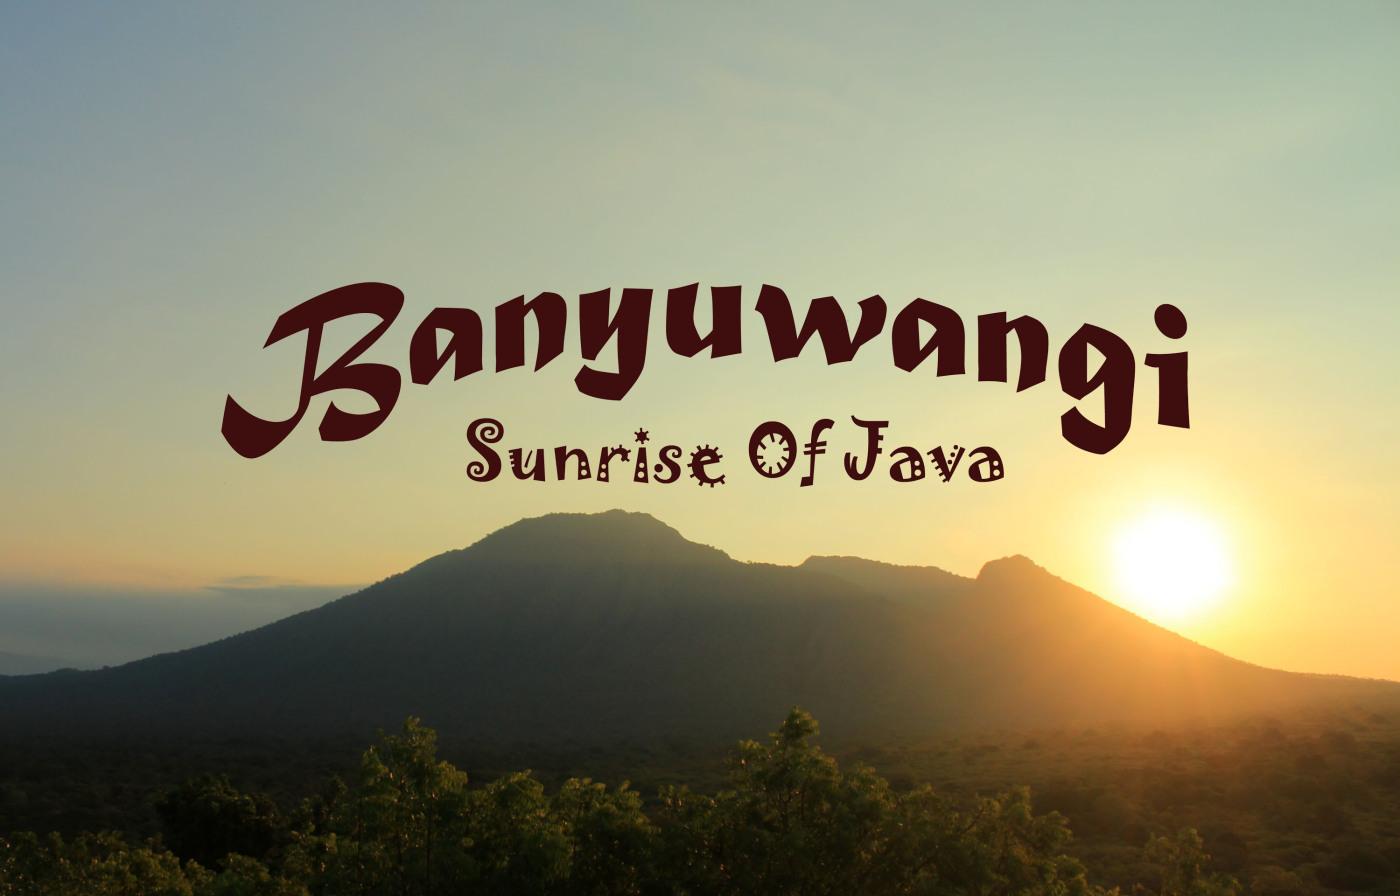 Welcome to Banyuwangi City